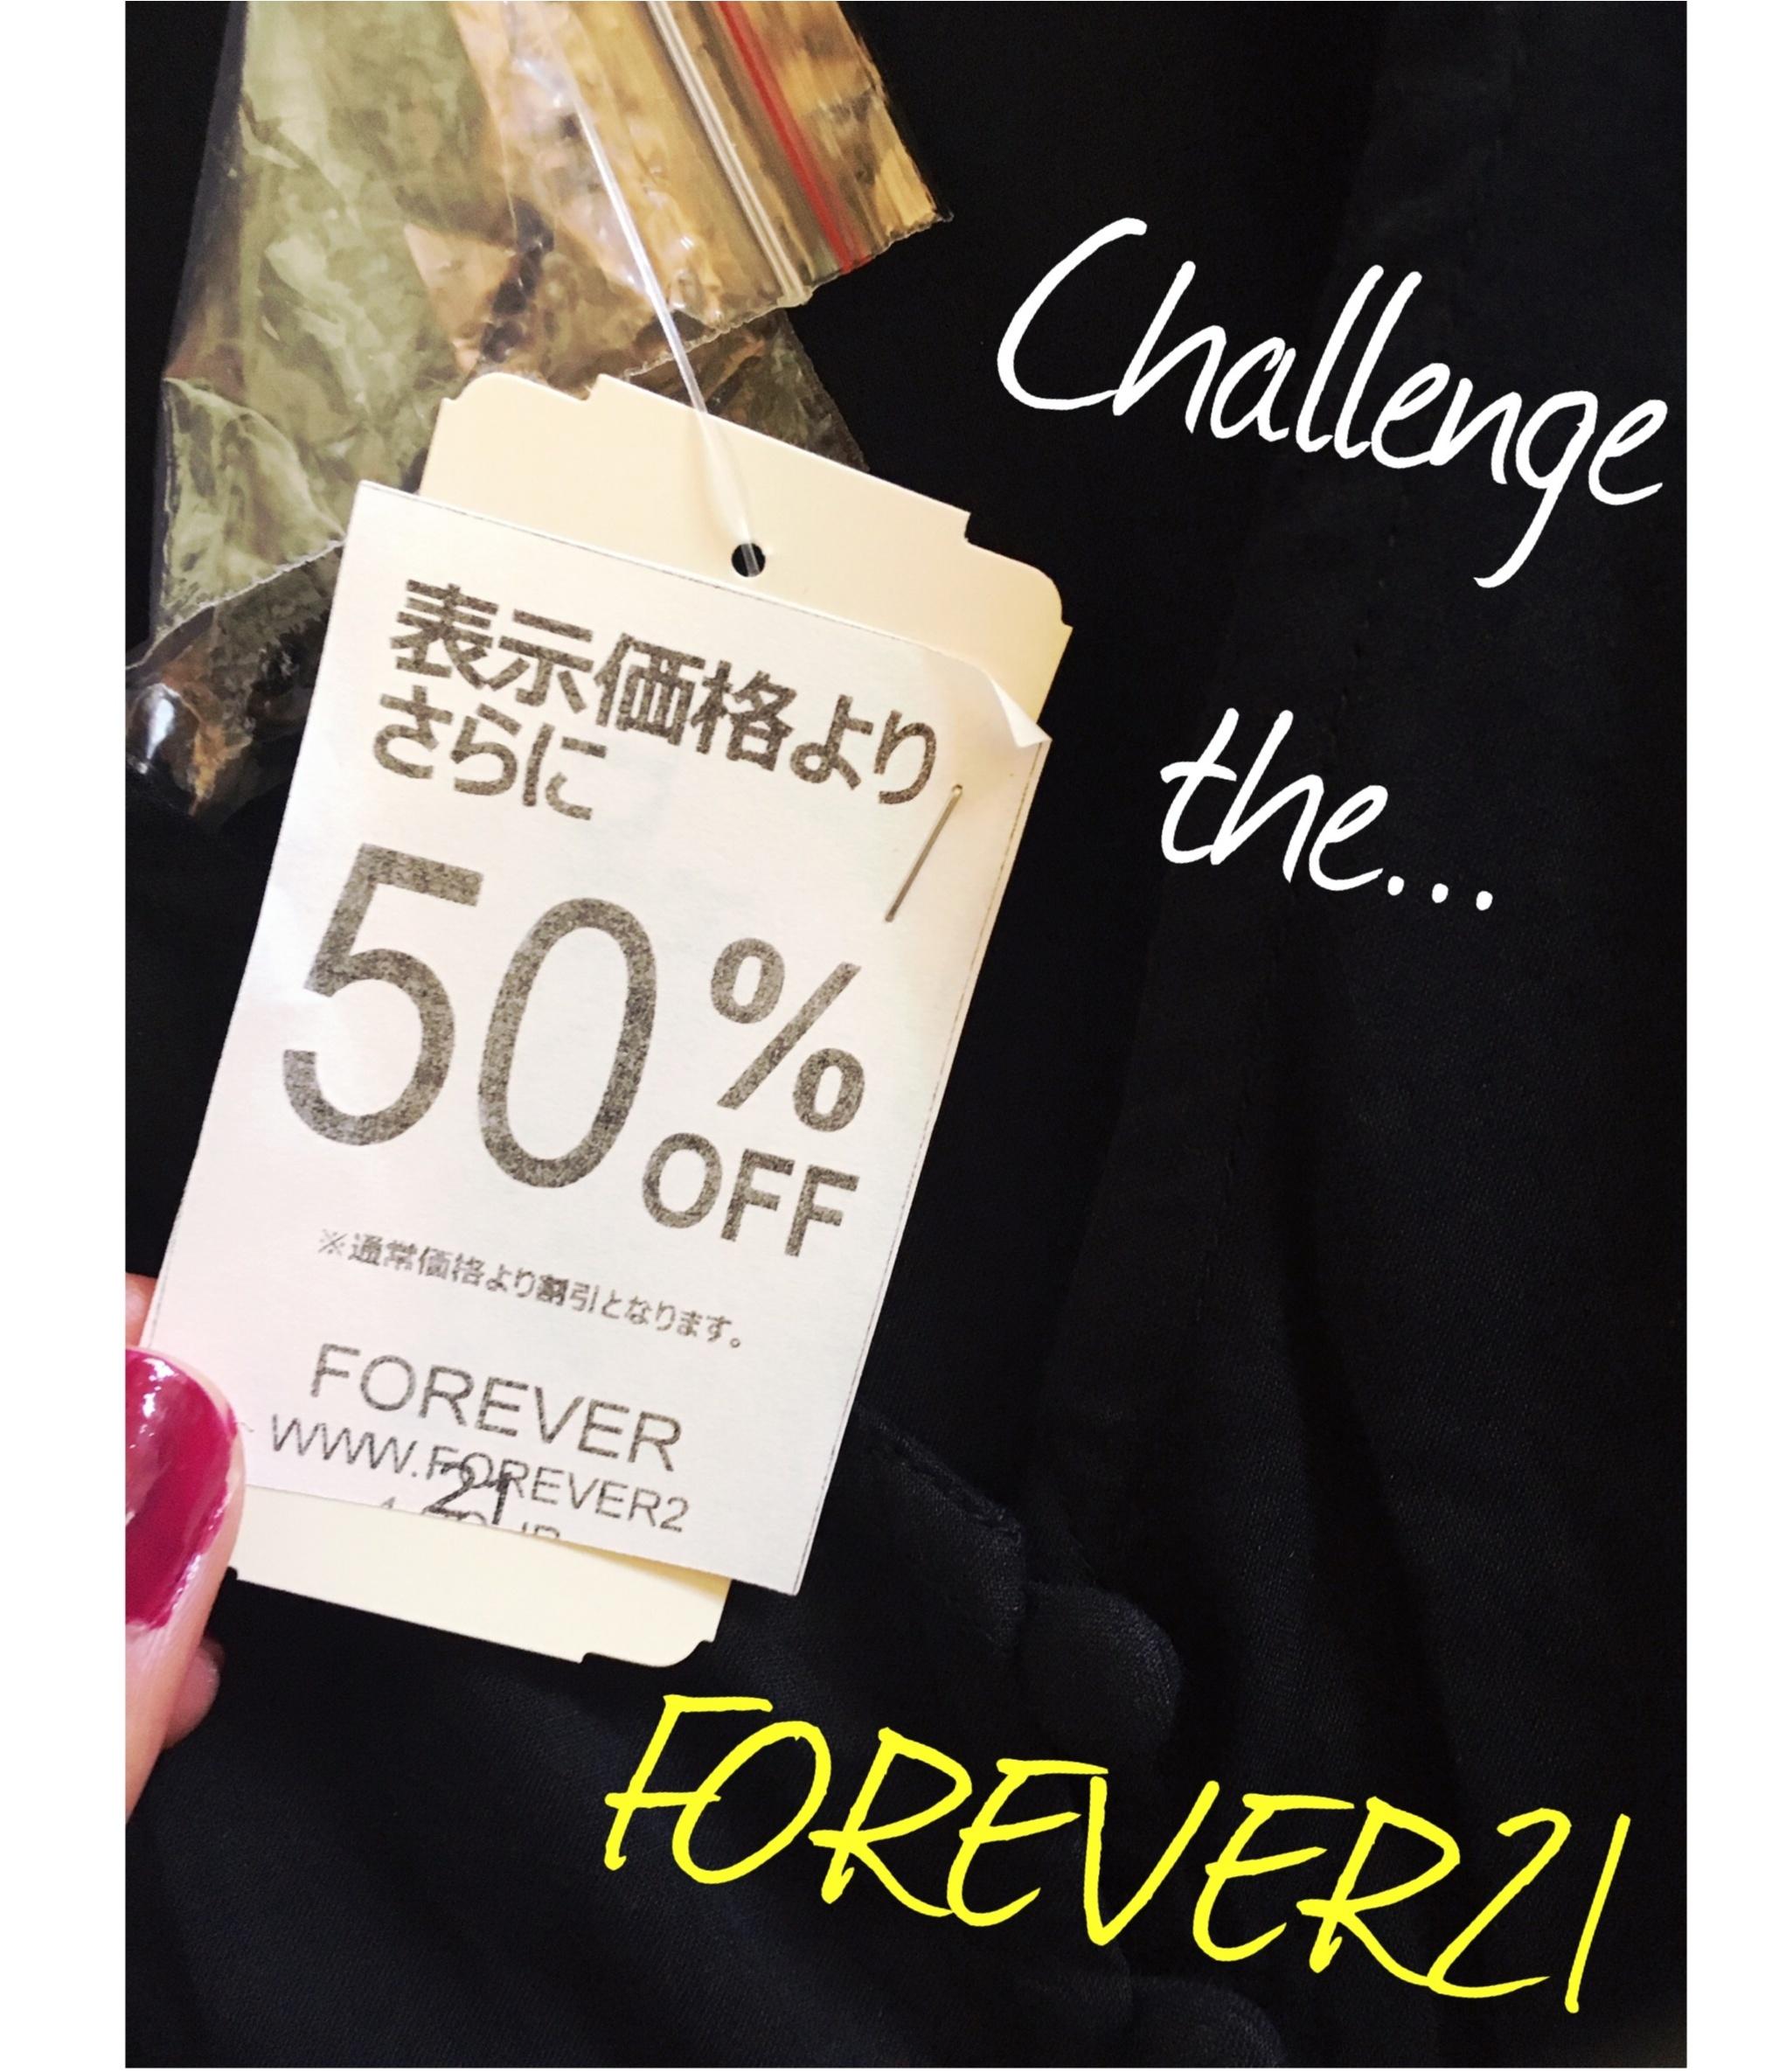 ▶︎▶︎え⁉︎《FOREVER21》で半額っていくら⁉︎50%オフで普段できないコーデに挑戦しちゃえ‼︎Challenge the FOREVER21‼︎_1